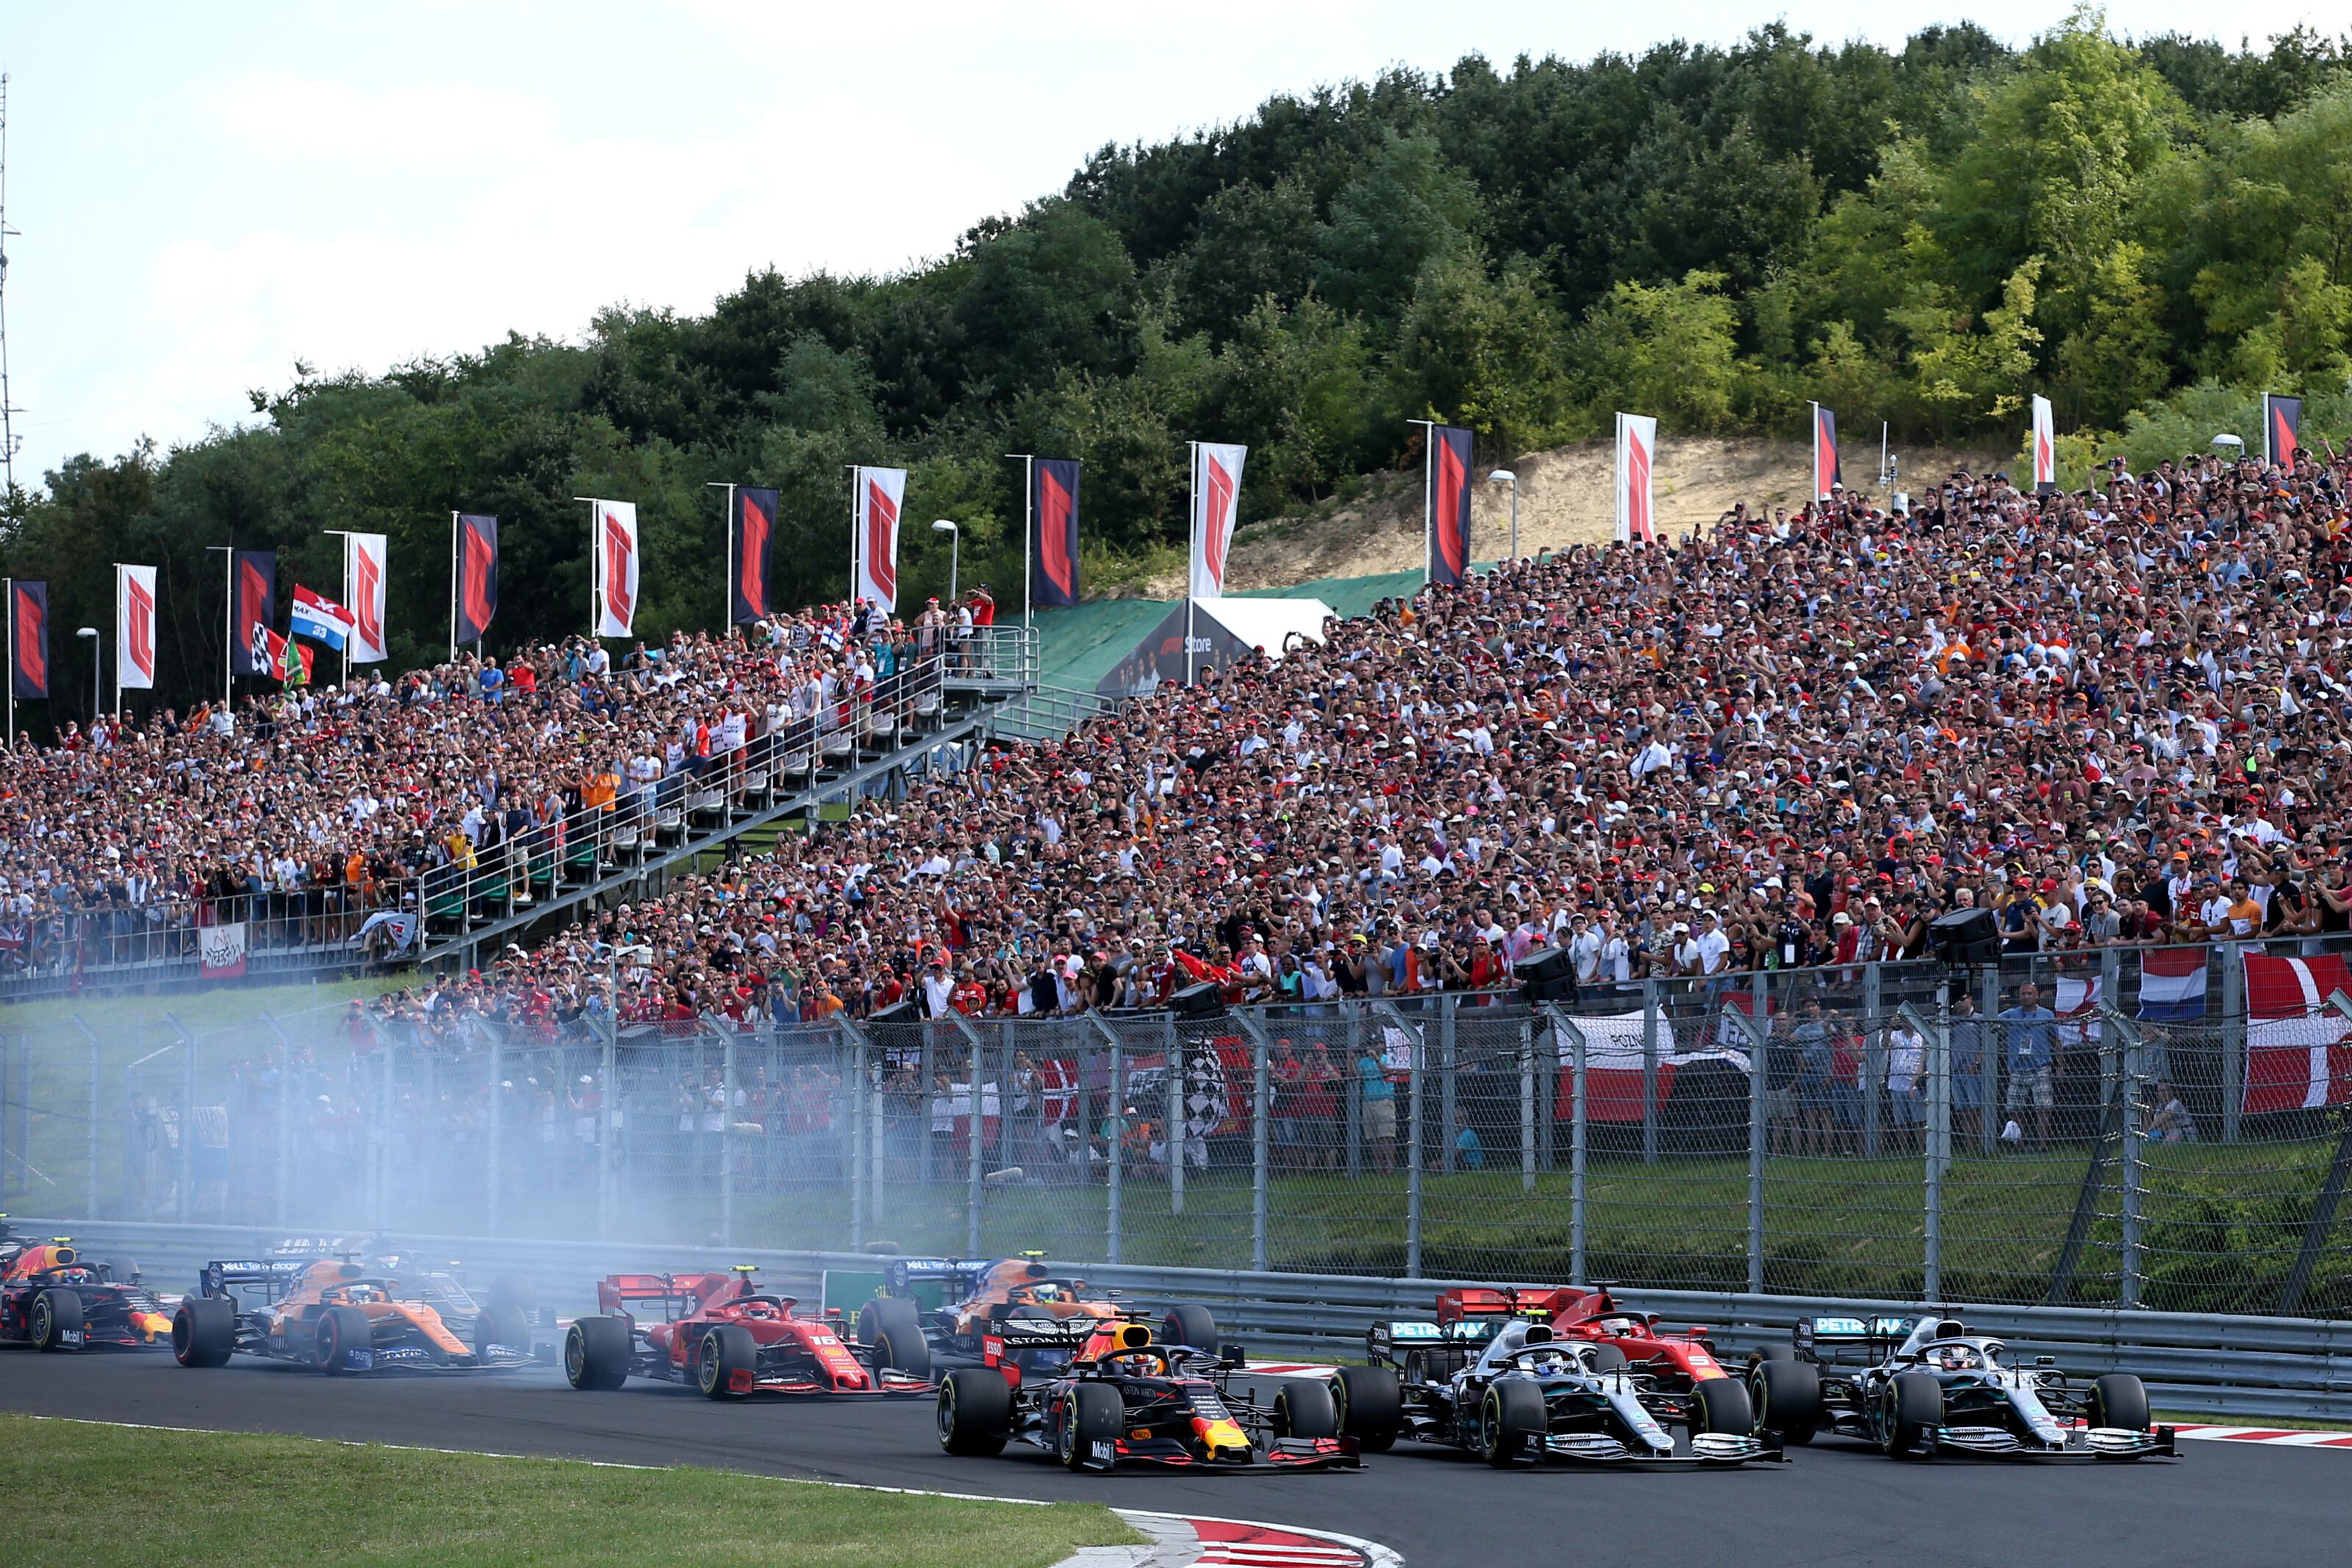 Mégis lehetnek nézők az F1-es nagydíjakon, de csak virtuálisan